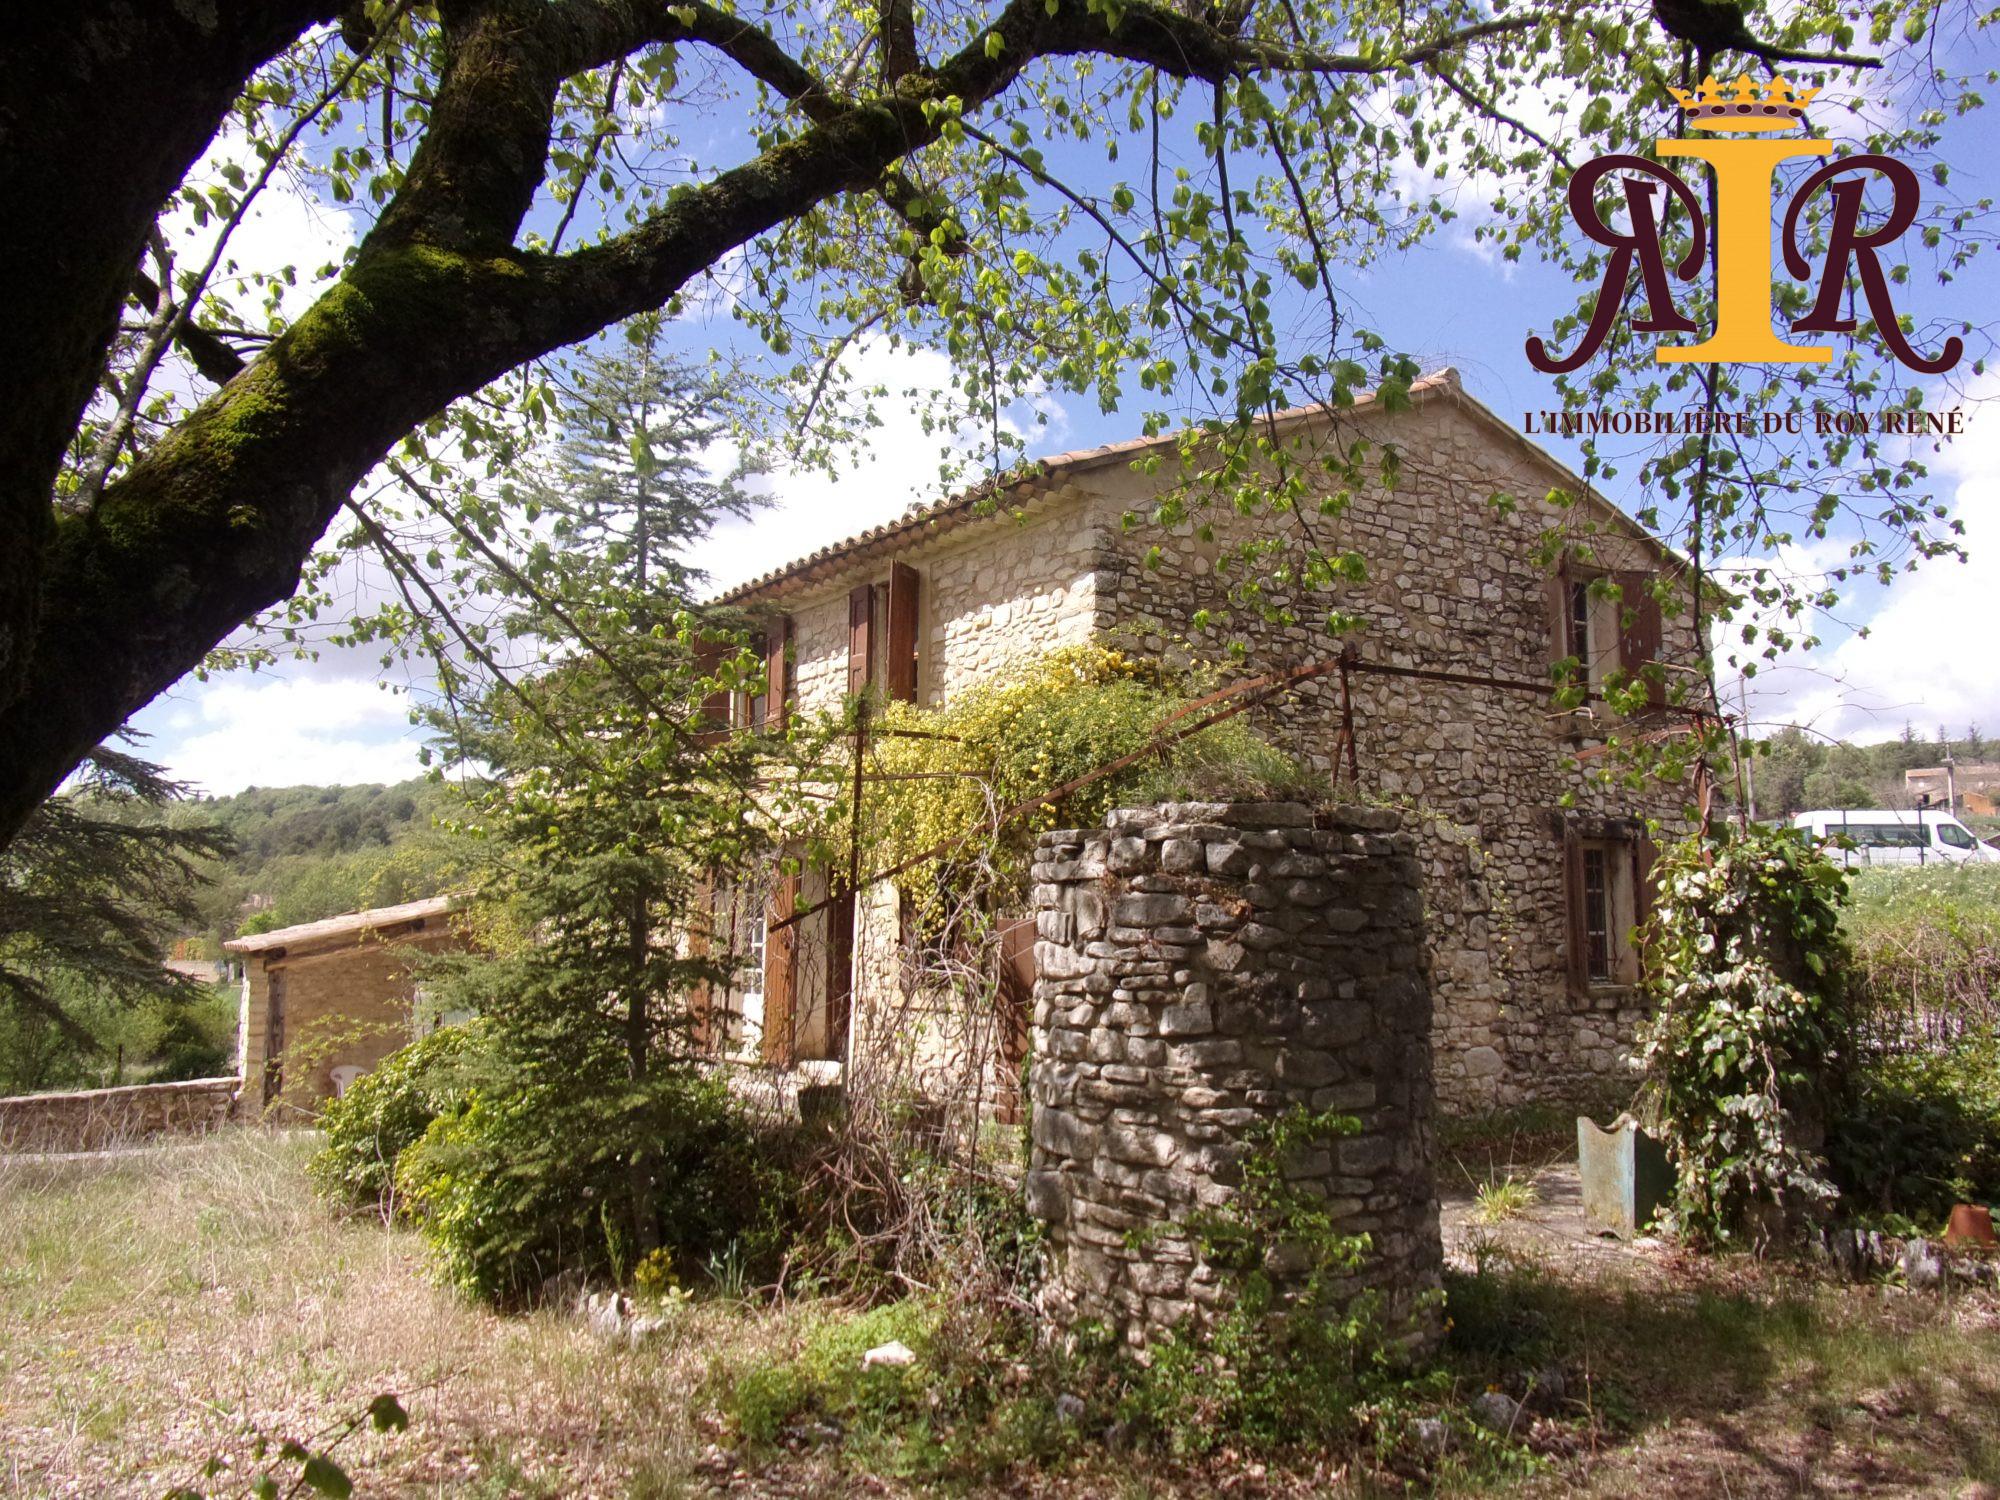 Maison A Renover Italie maison ancienne saignon 163 m²